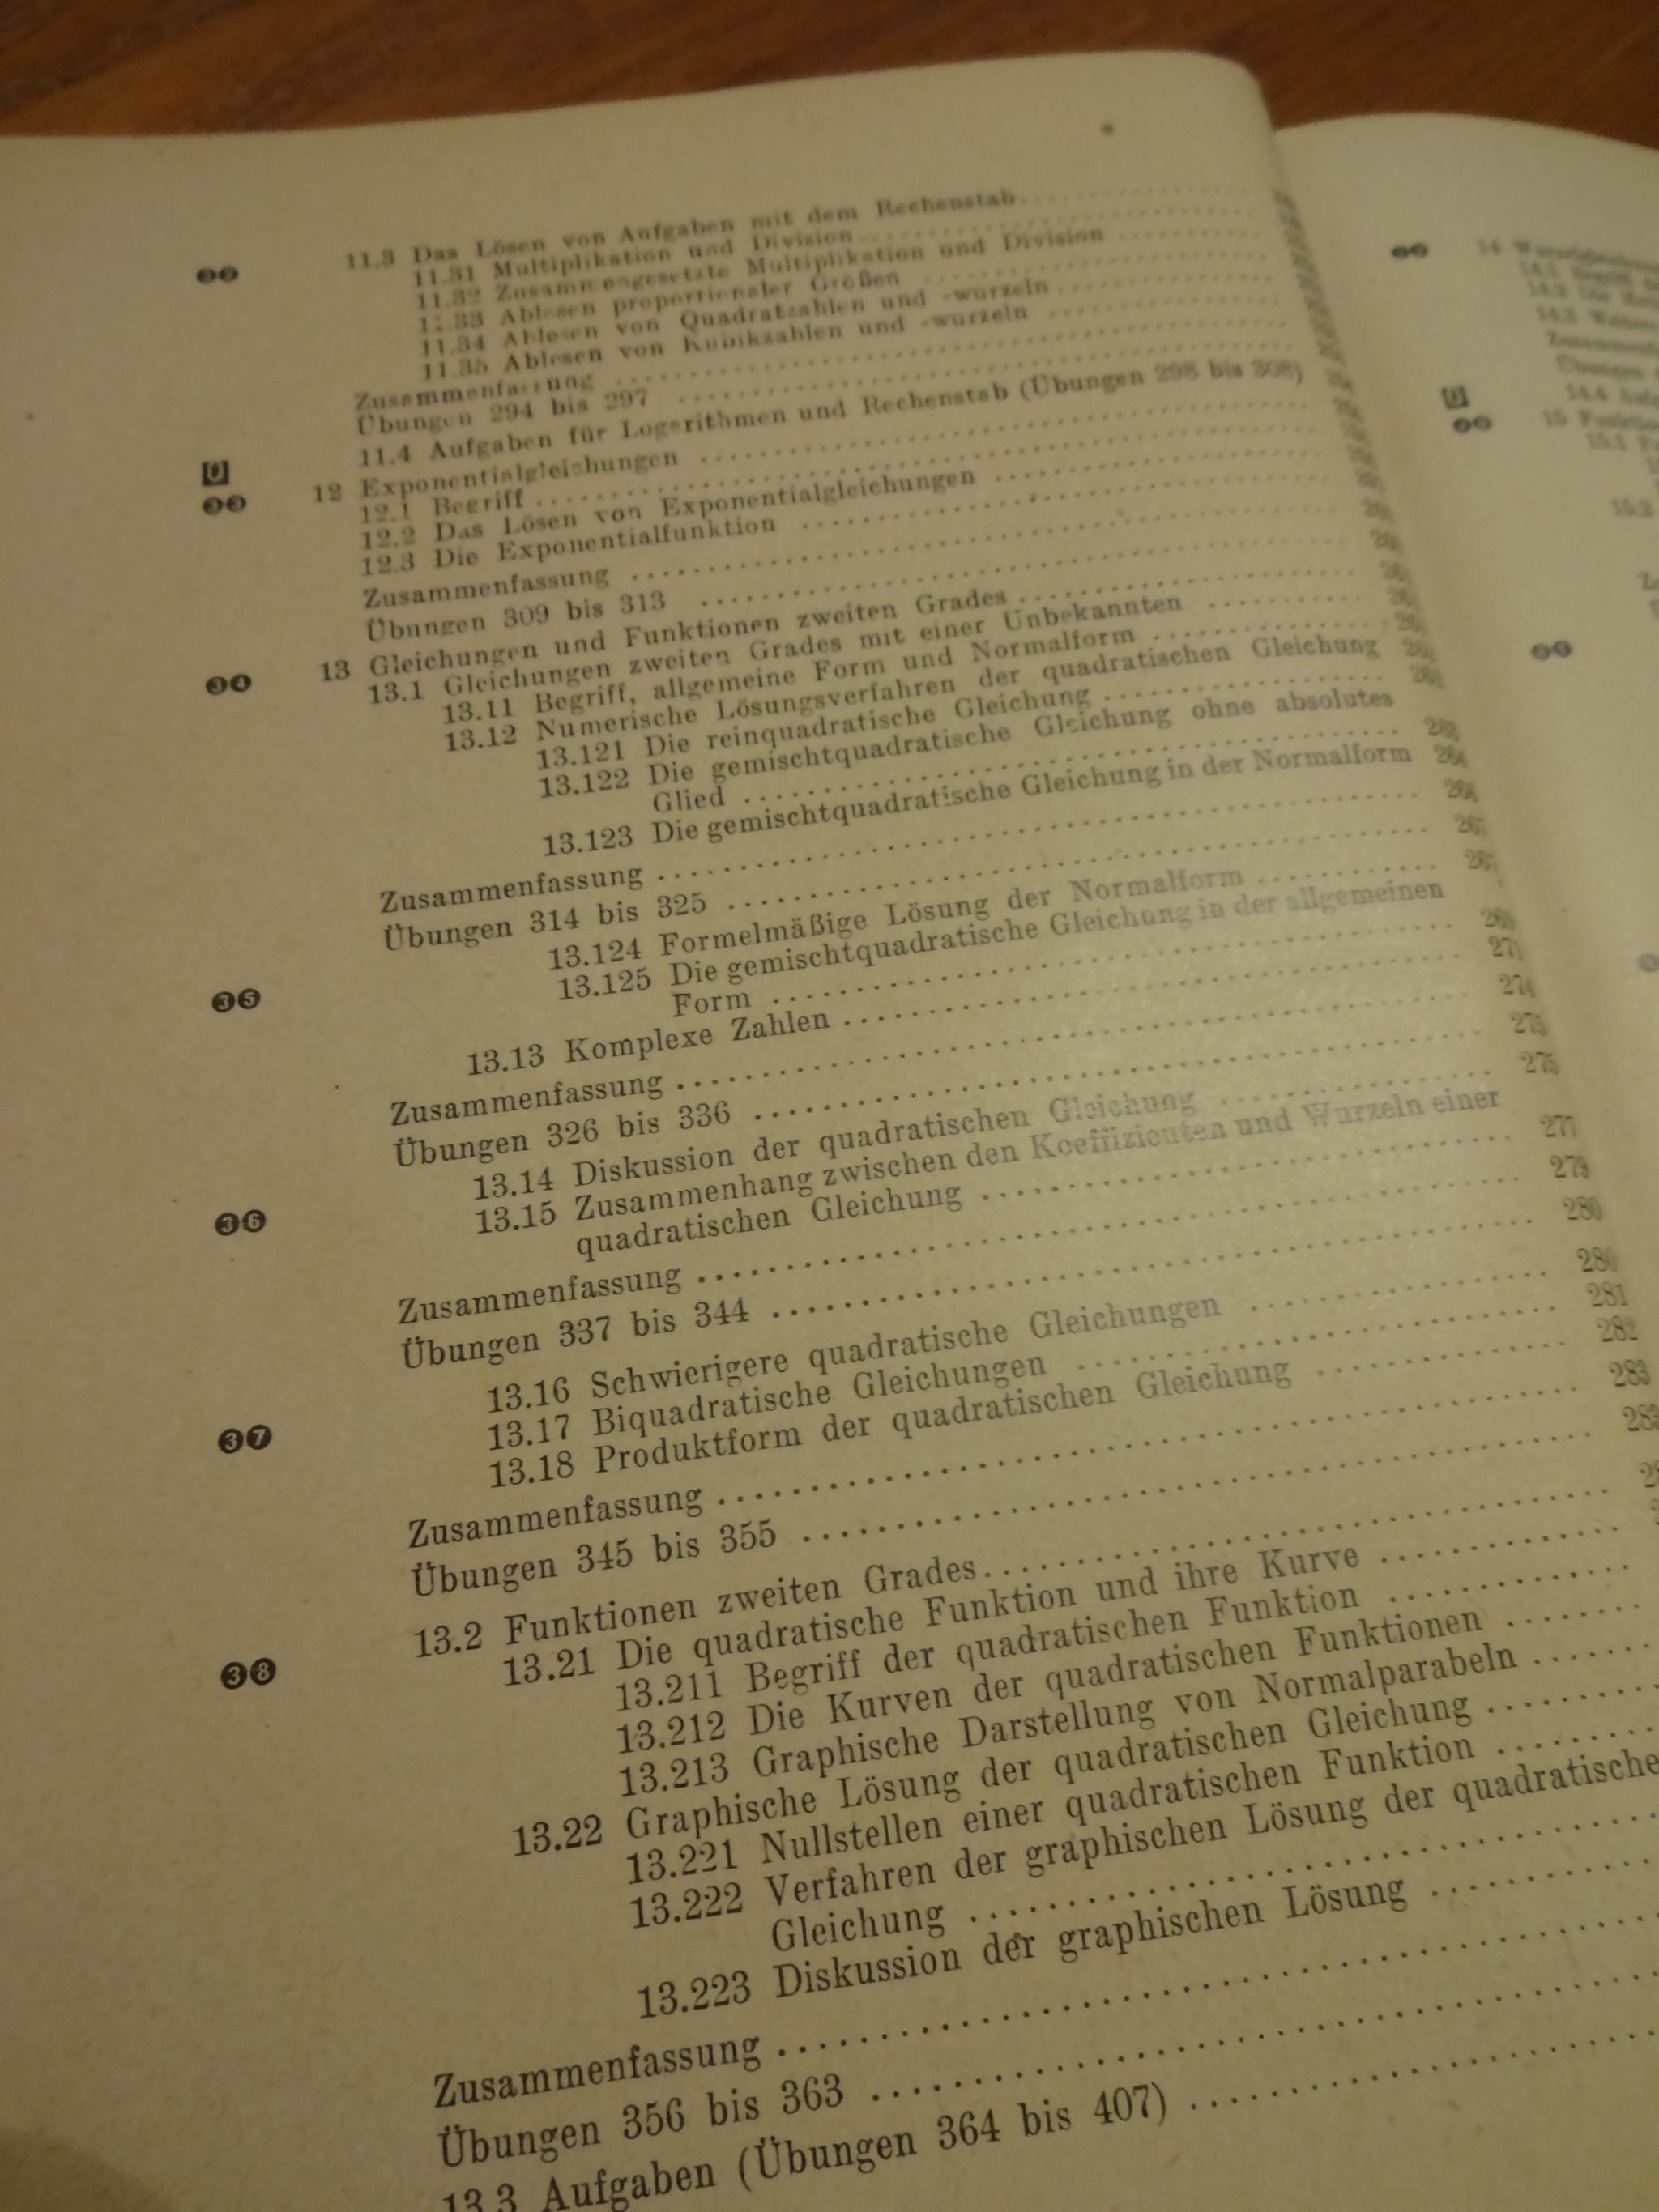 Charmant Die Grafische Darstellung Quadratische Gleichungen ...